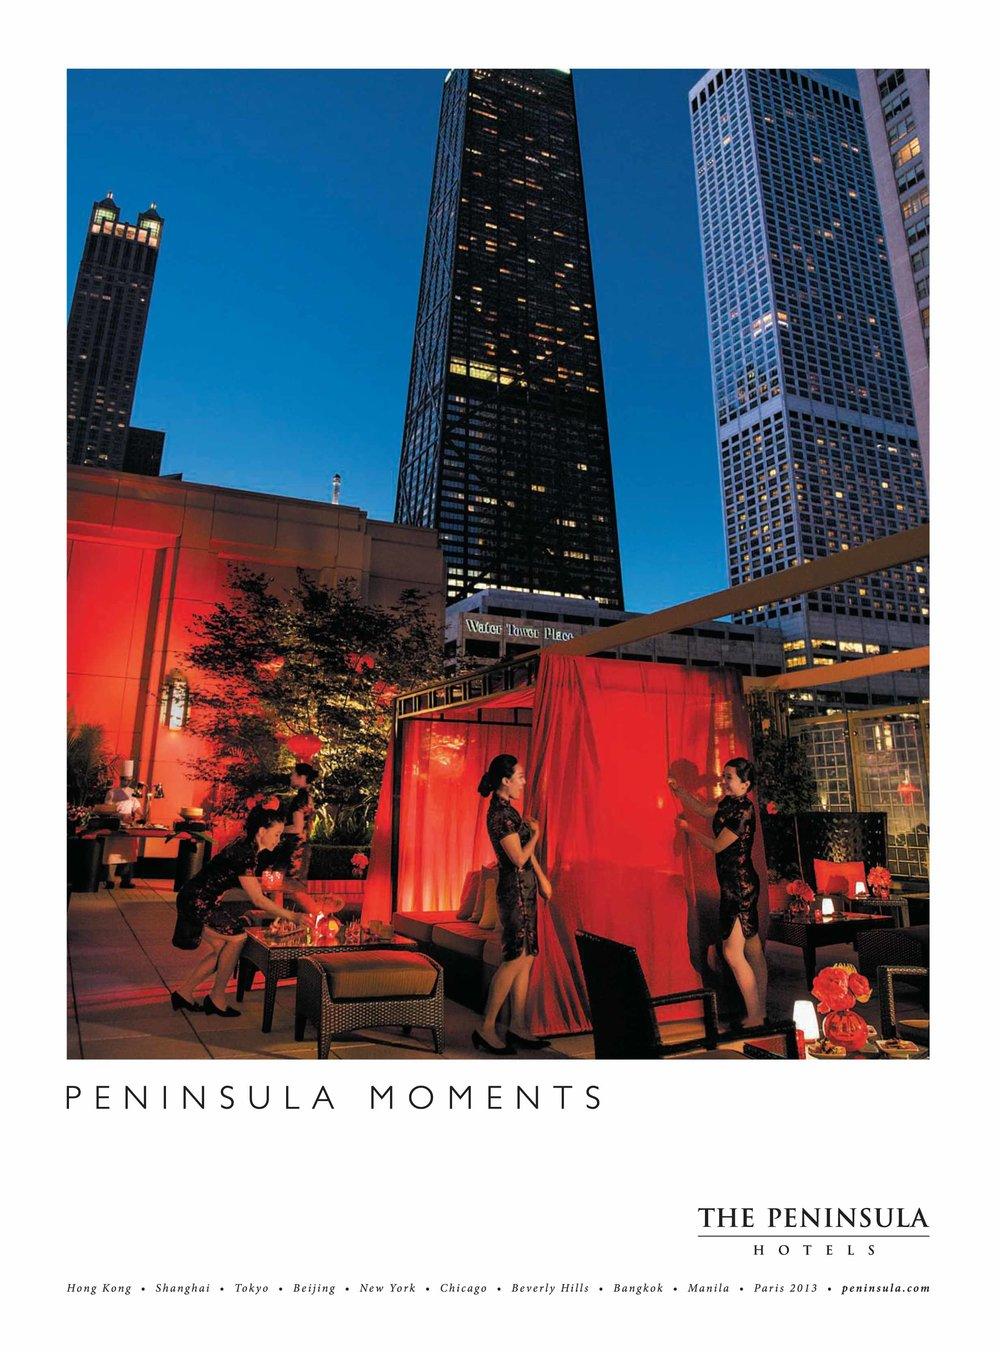 Pen moments Chicago.jpg